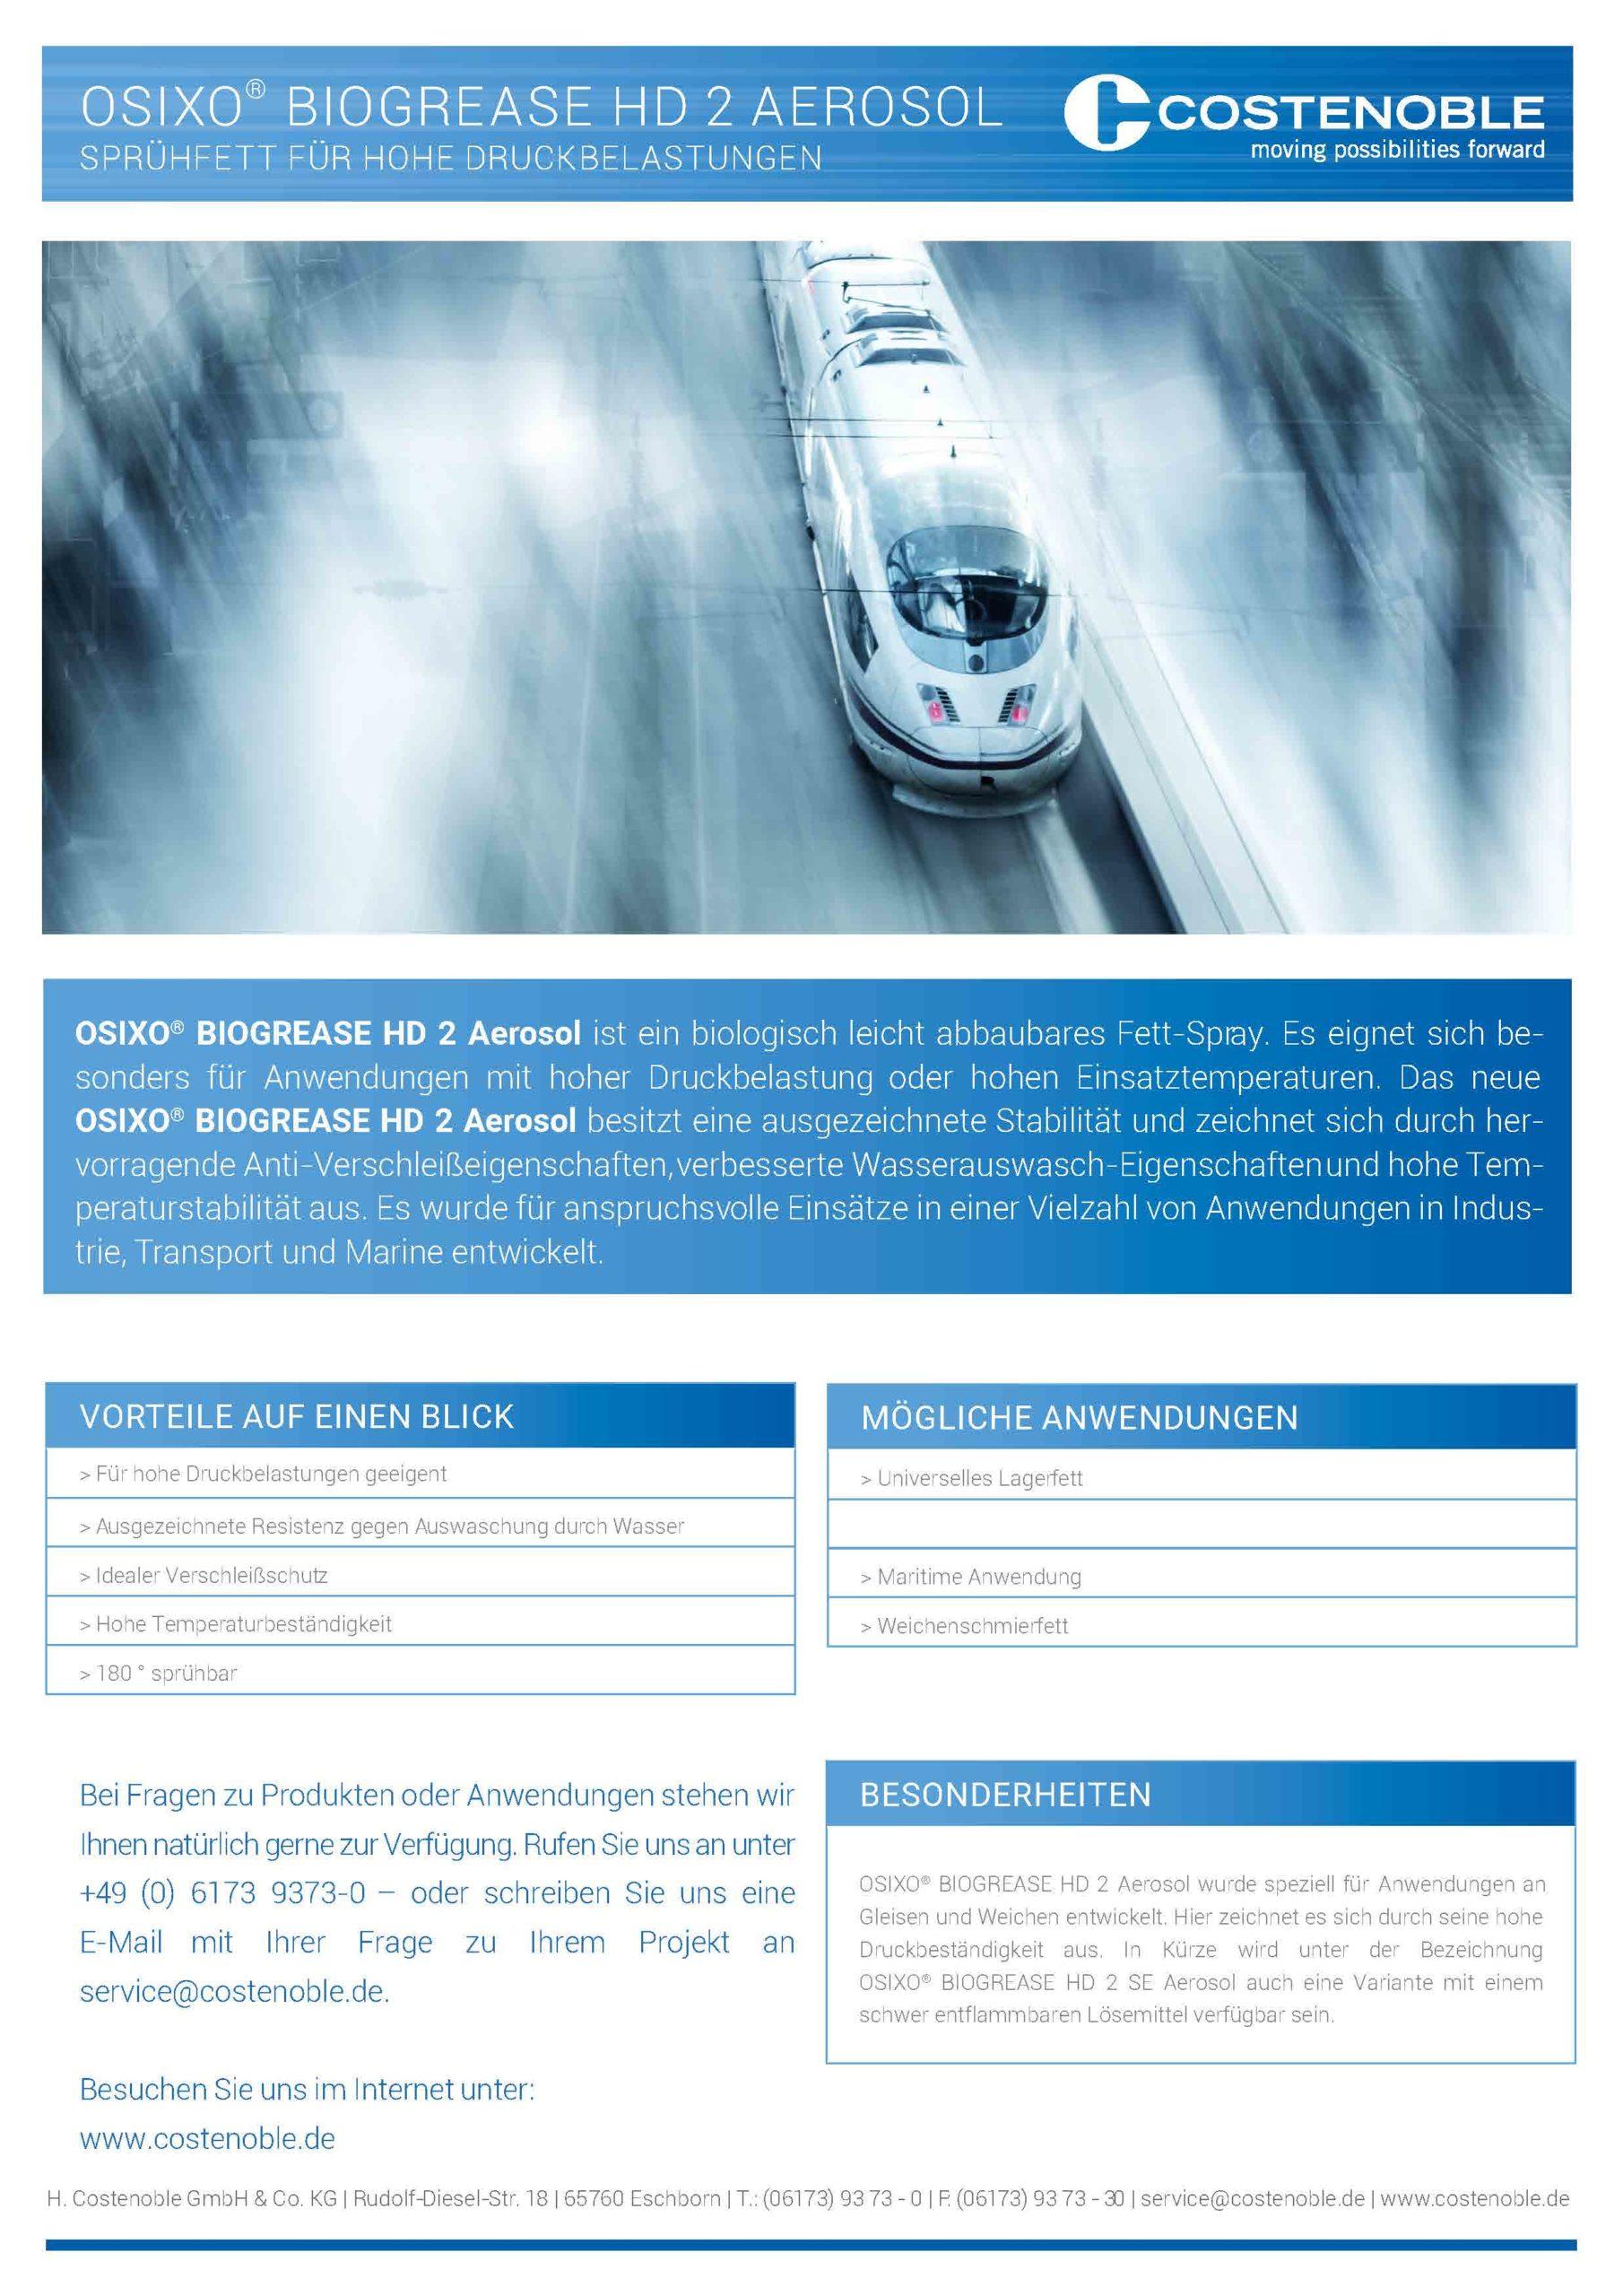 OSIXO® Biogrease HD2 Aerosol - Cover